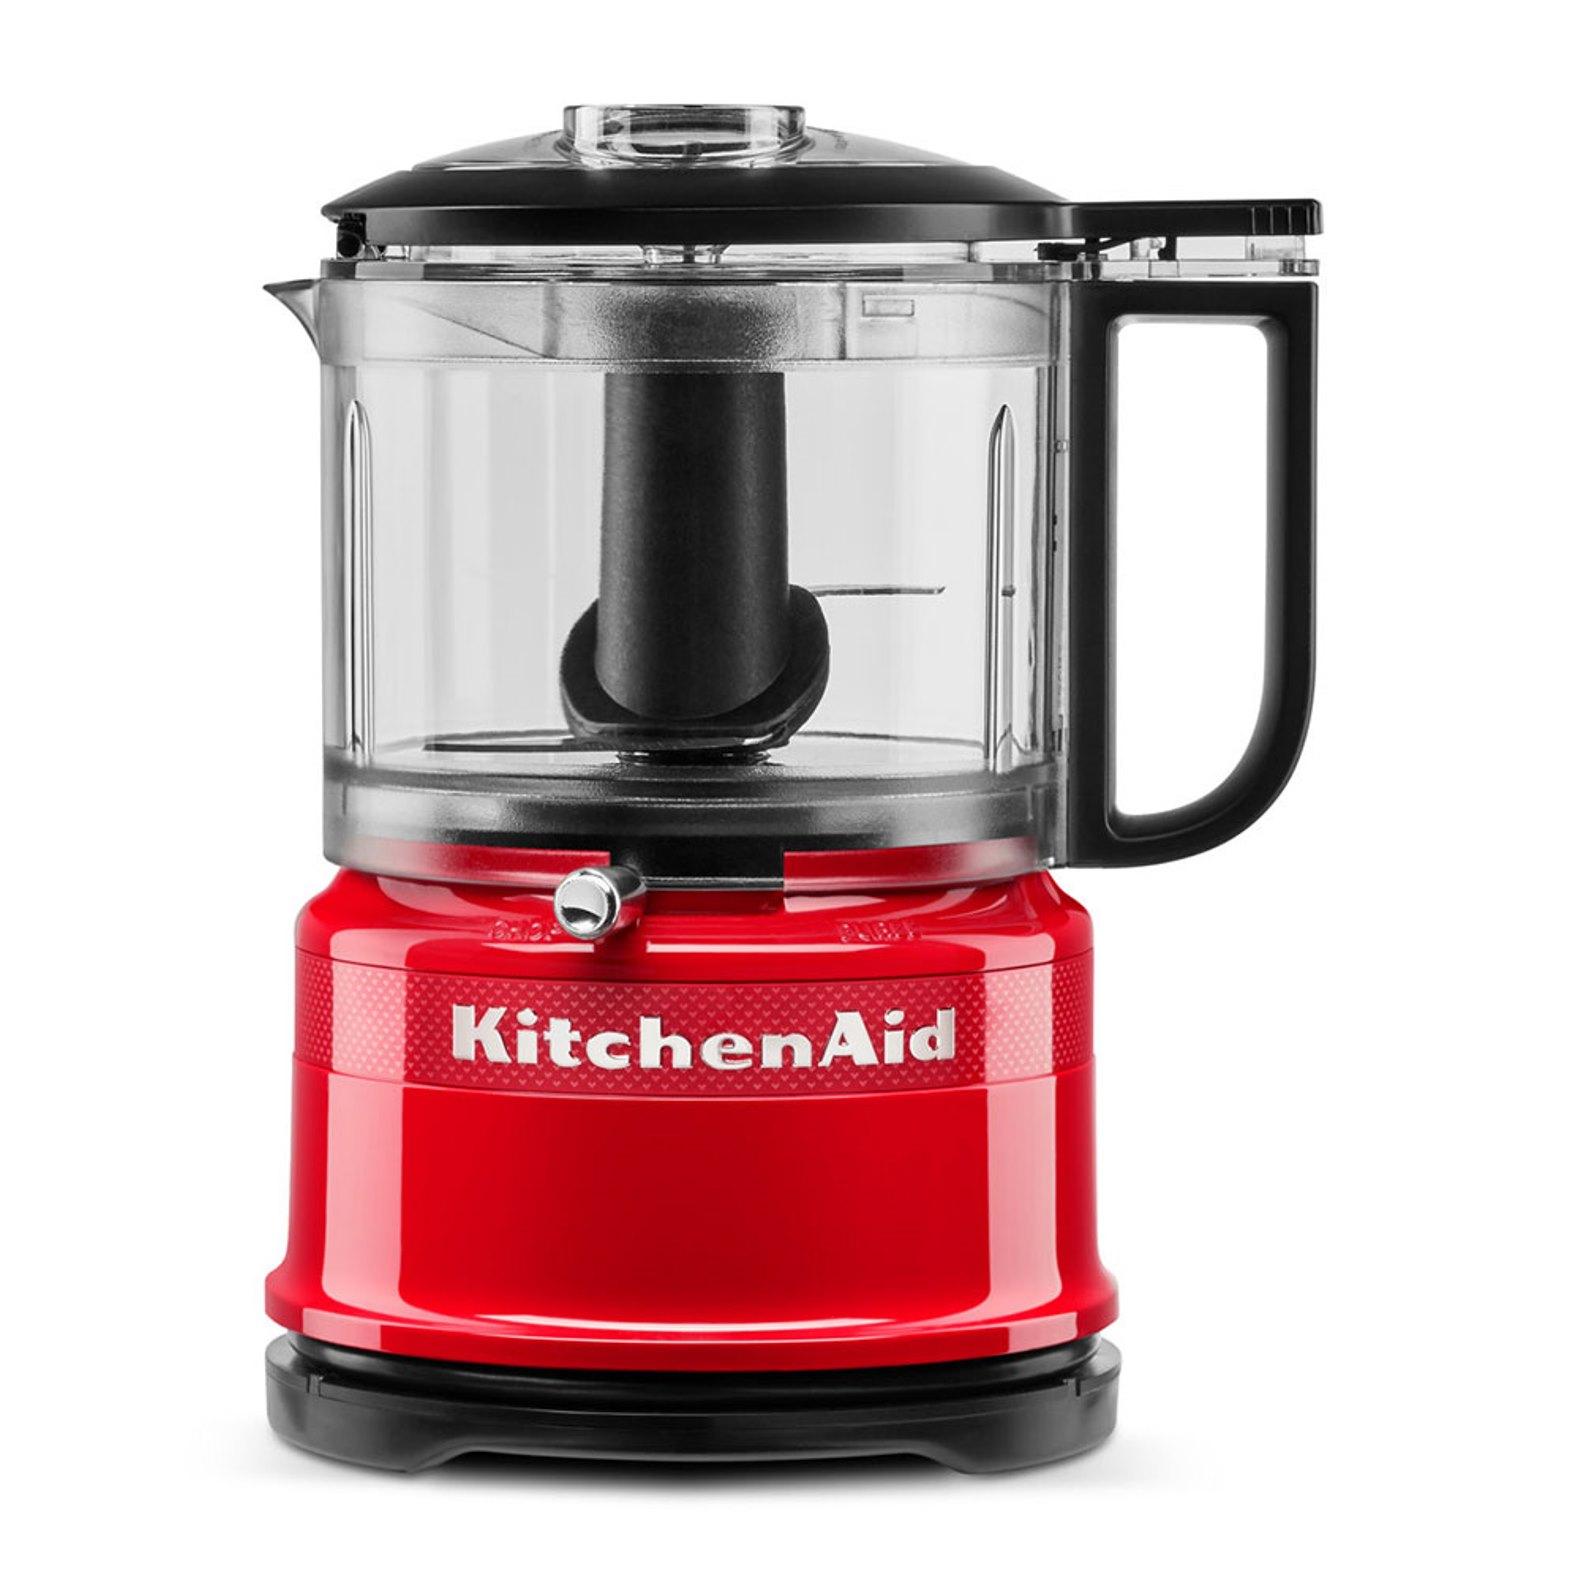 Измельчитель KitchenAid Queen of Hearts, объем 0,83 л, 22,2x17,8x14,3 см, чувственный красный KitchenAid                                                  5KFC3516HESD фото 0